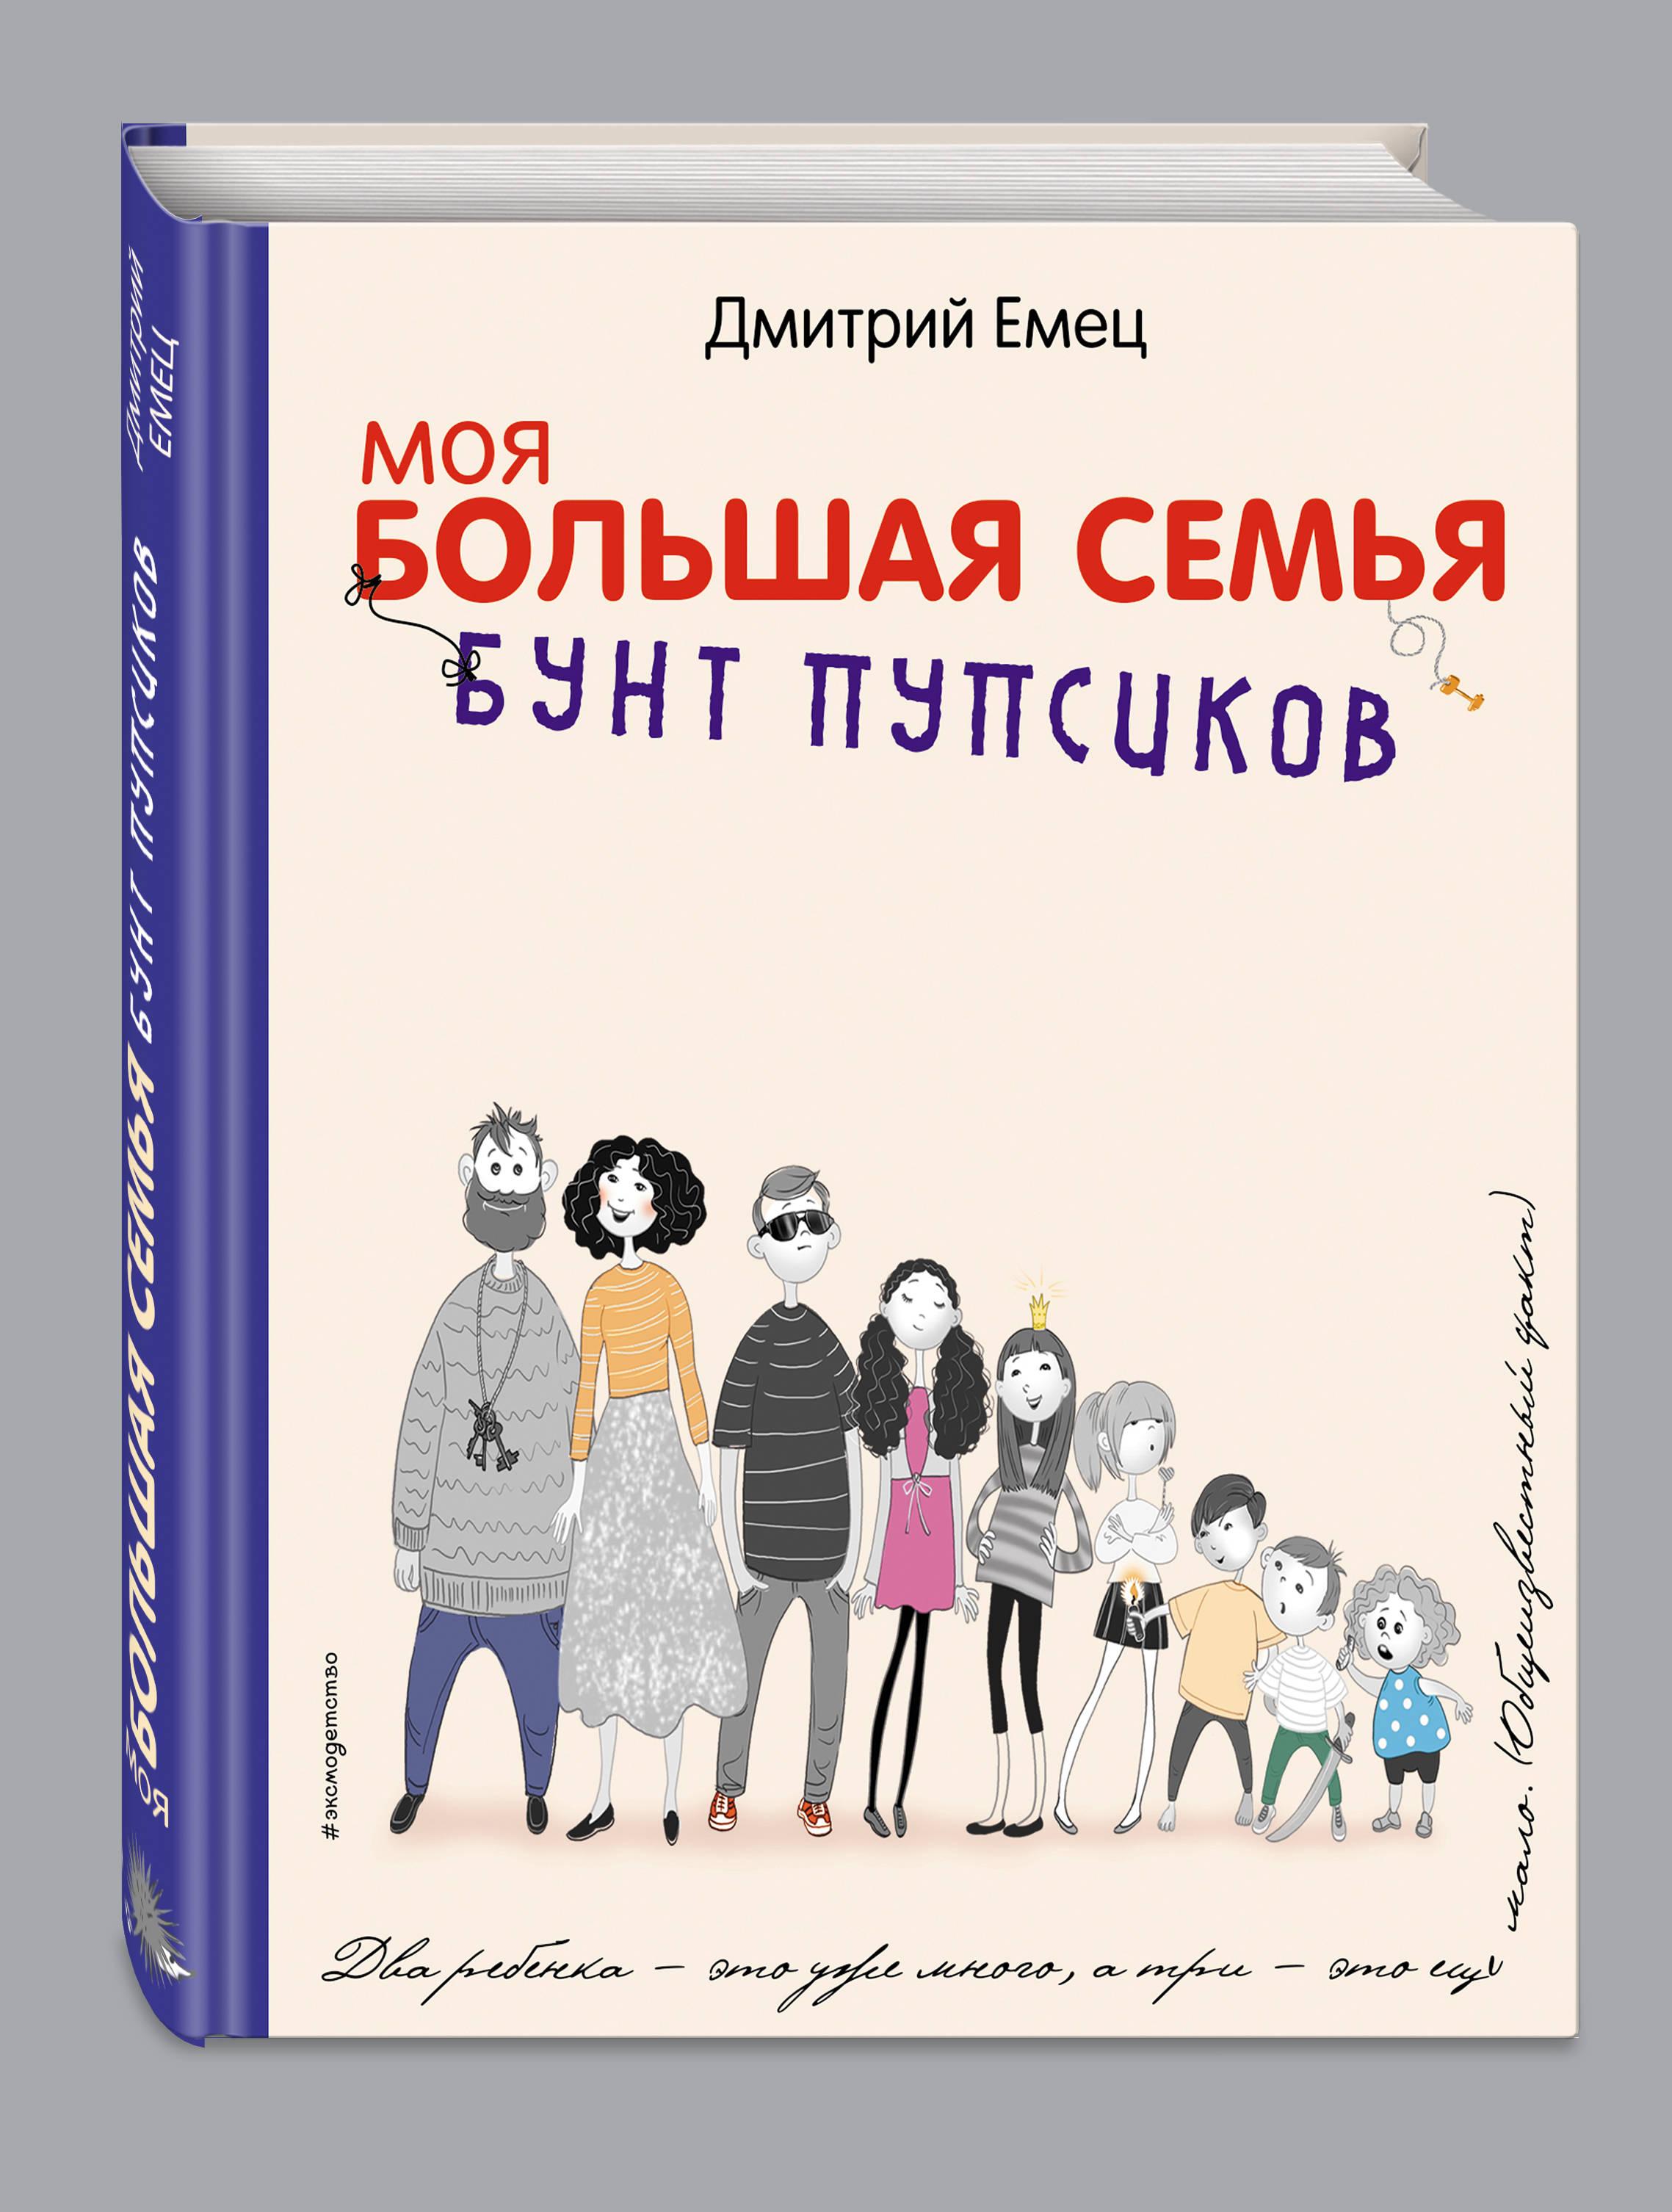 Дмитрий Емец Бунт пупсиков (белое оформление)